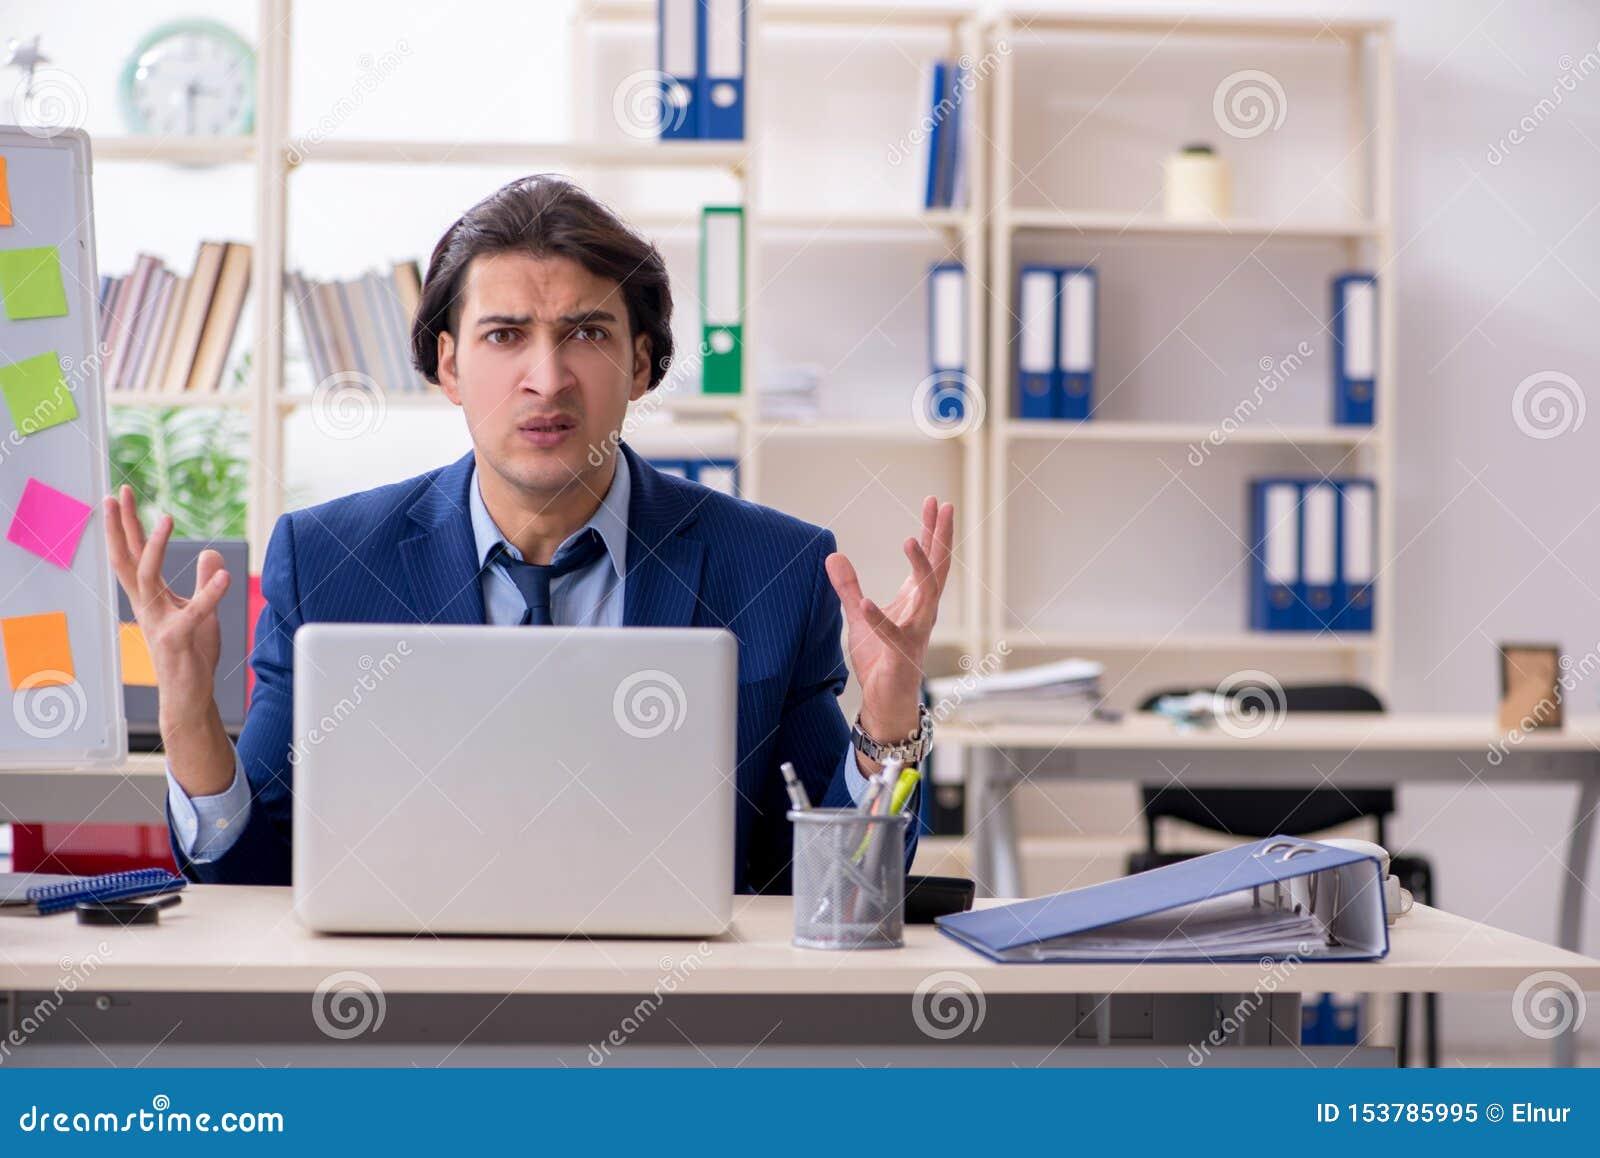 Νέος άνδρας υπάλληλος δυστυχισμένος με την υπερβολική εργασία